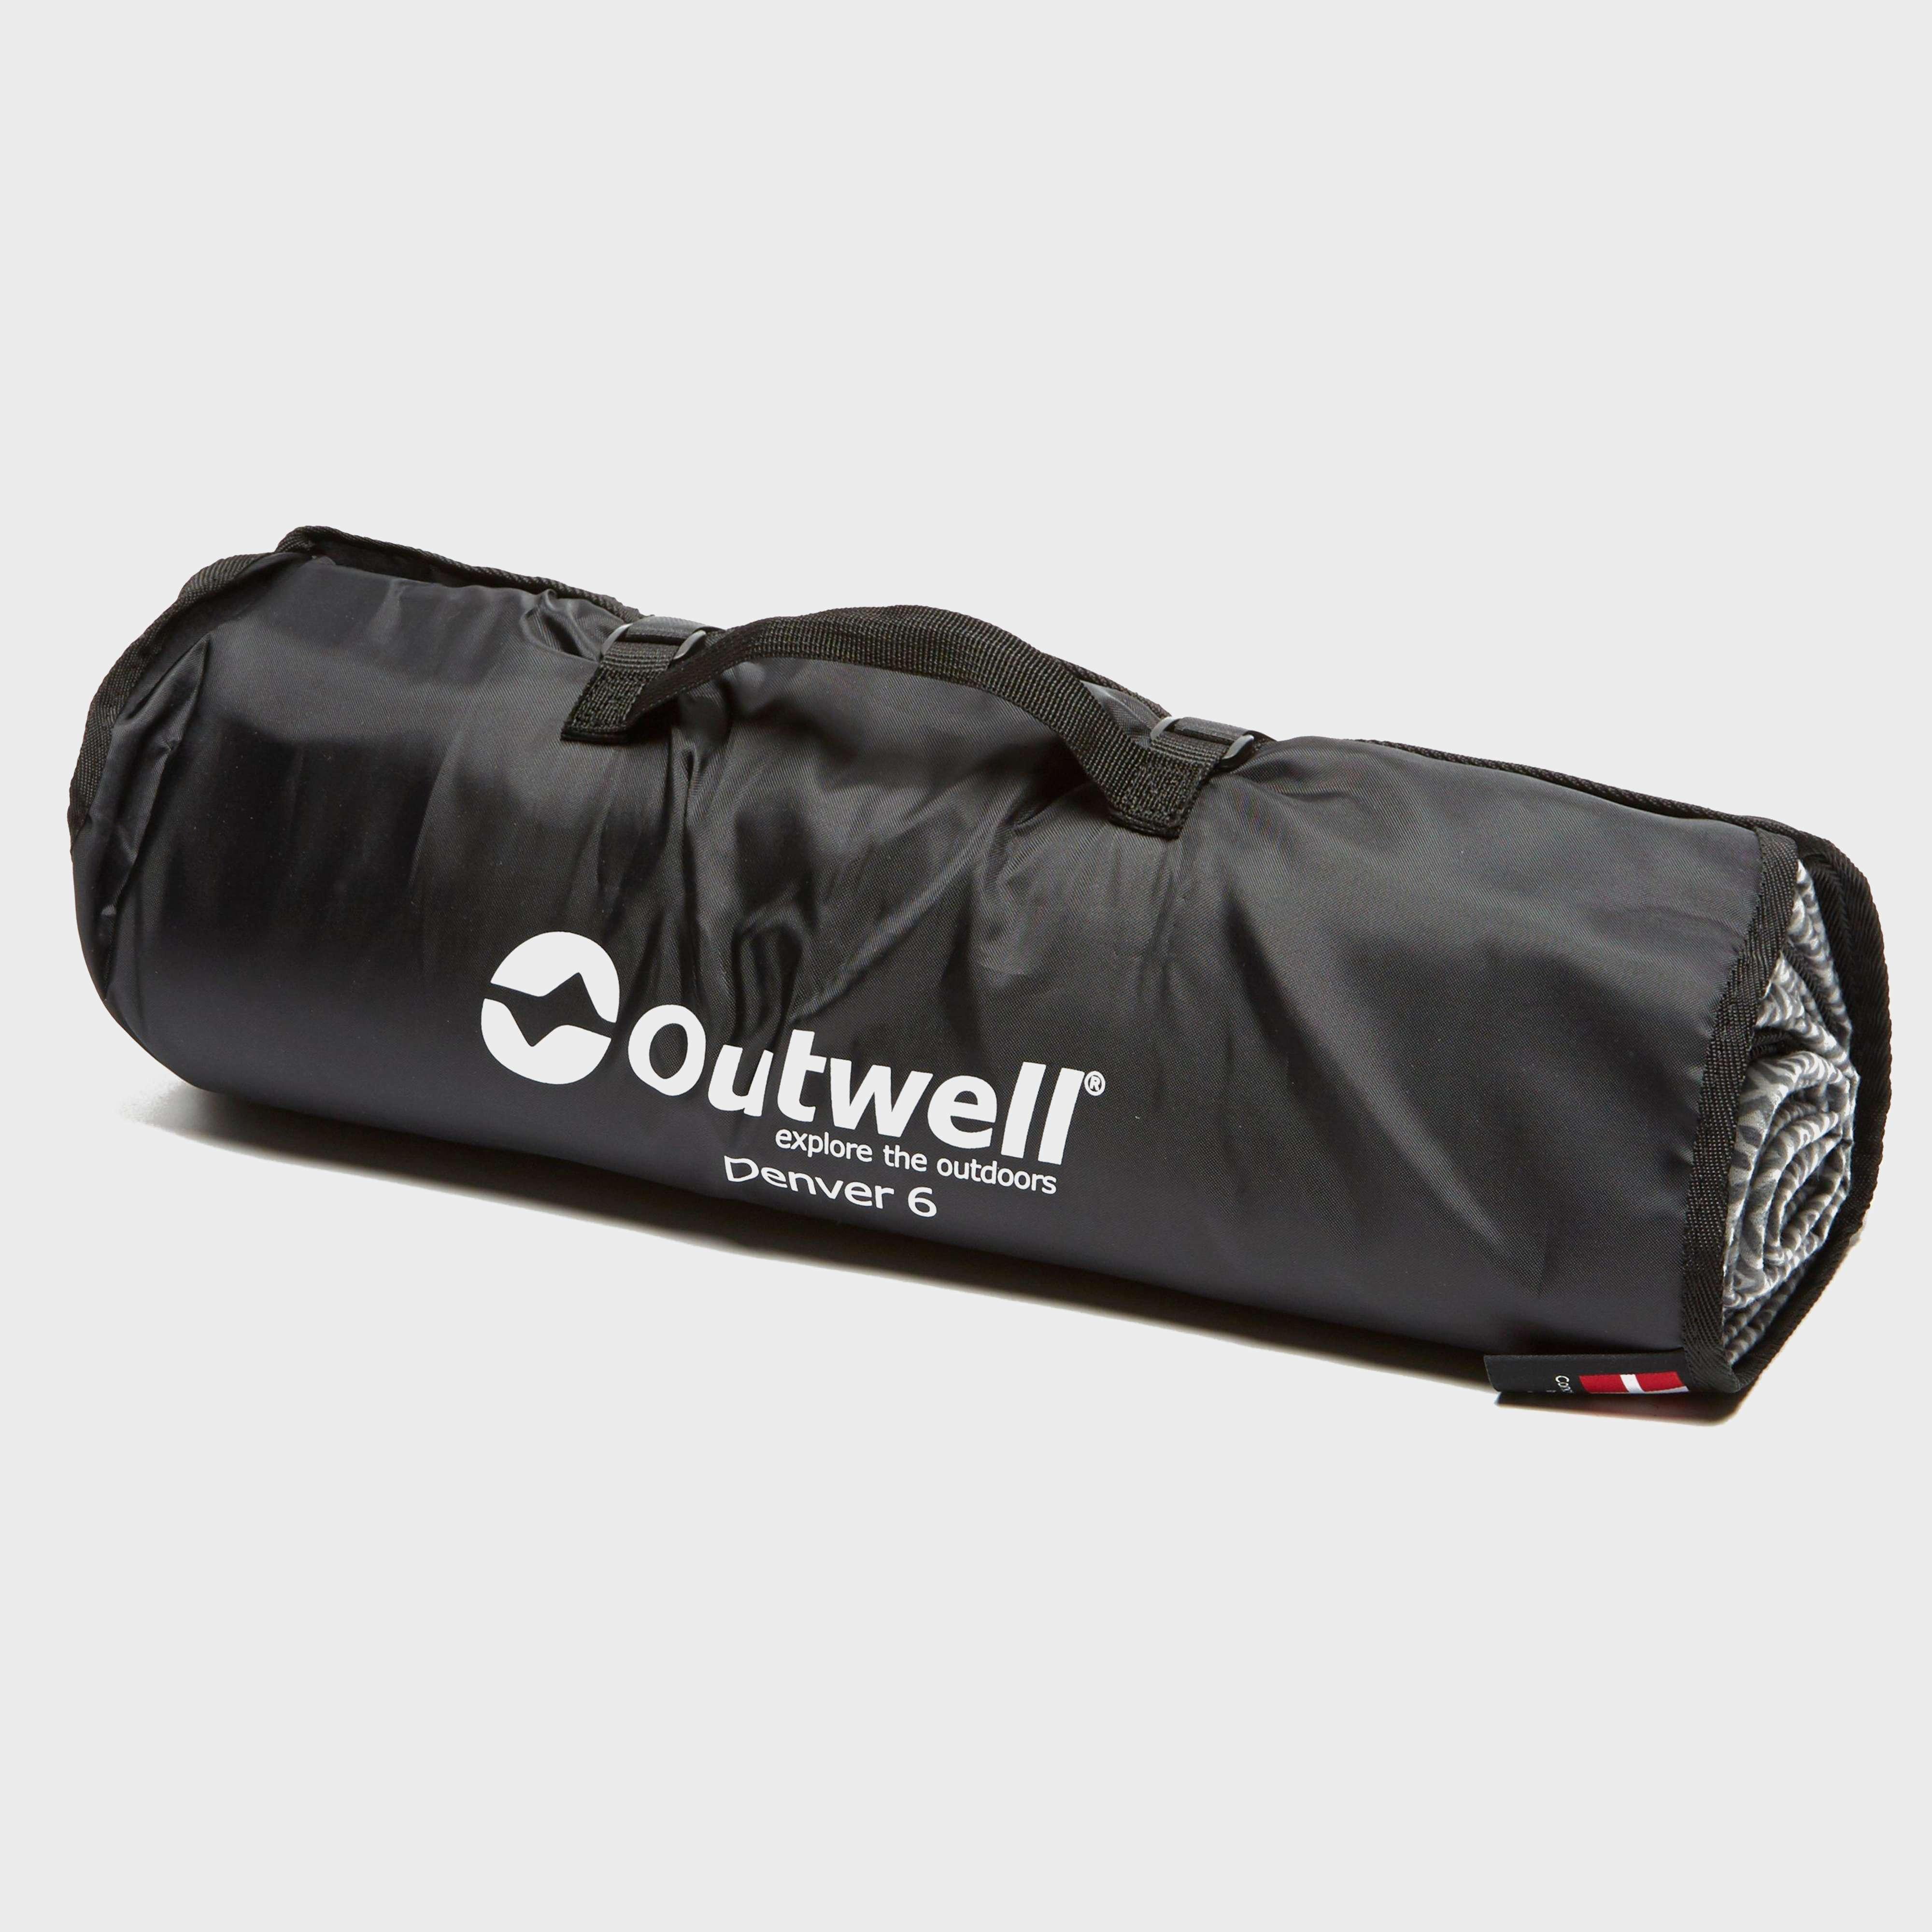 OUTWELL Denver 6 Flat Woven Tent Carpet